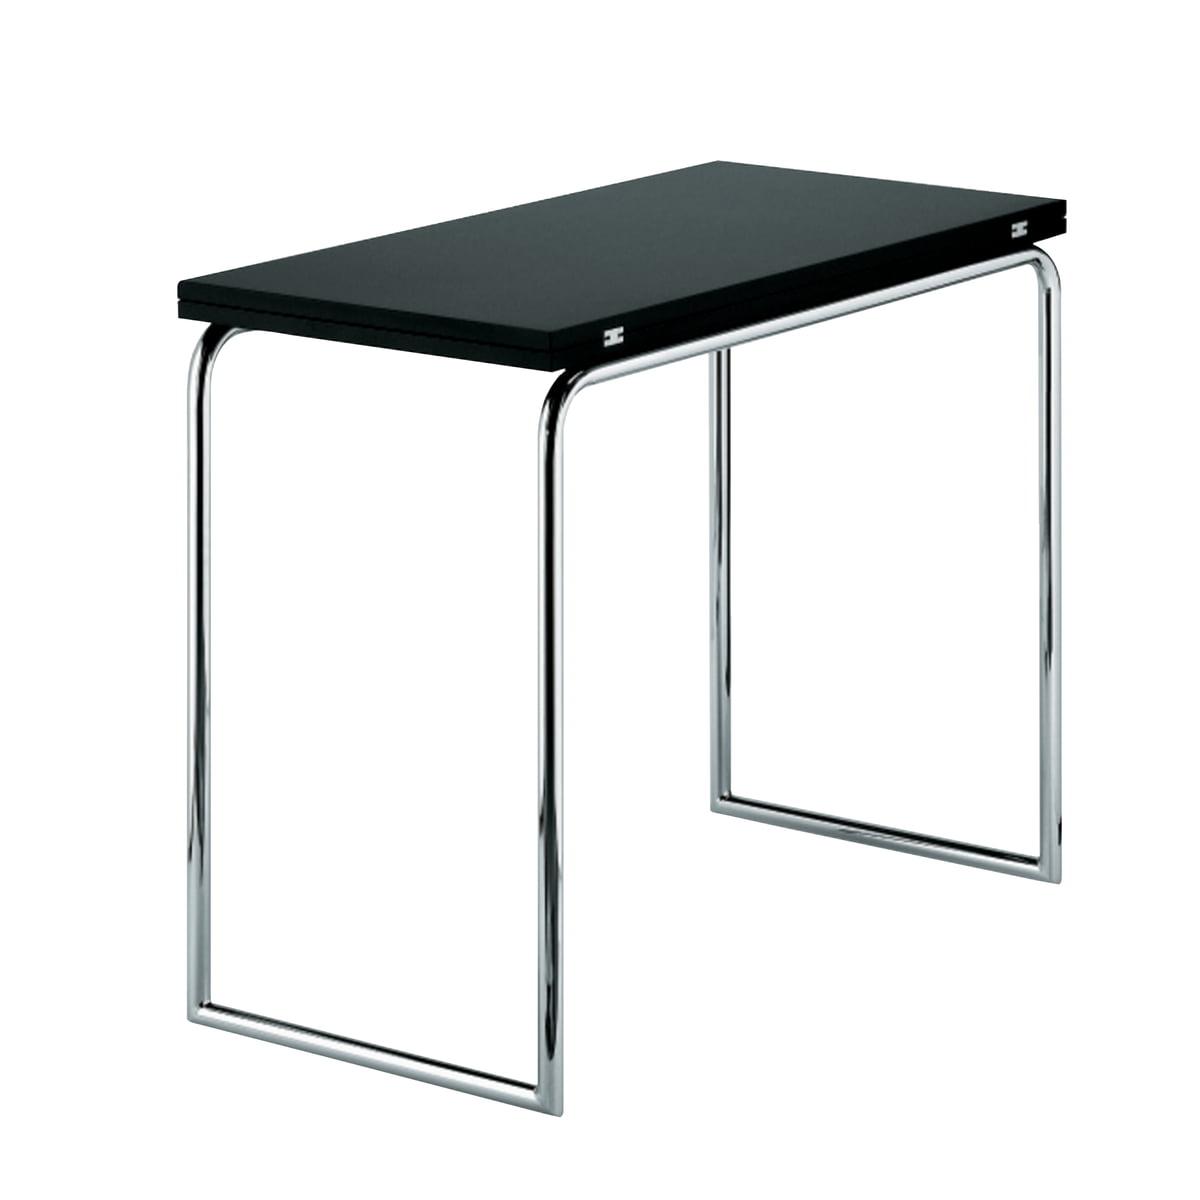 b 109 klapptisch von thonet. Black Bedroom Furniture Sets. Home Design Ideas